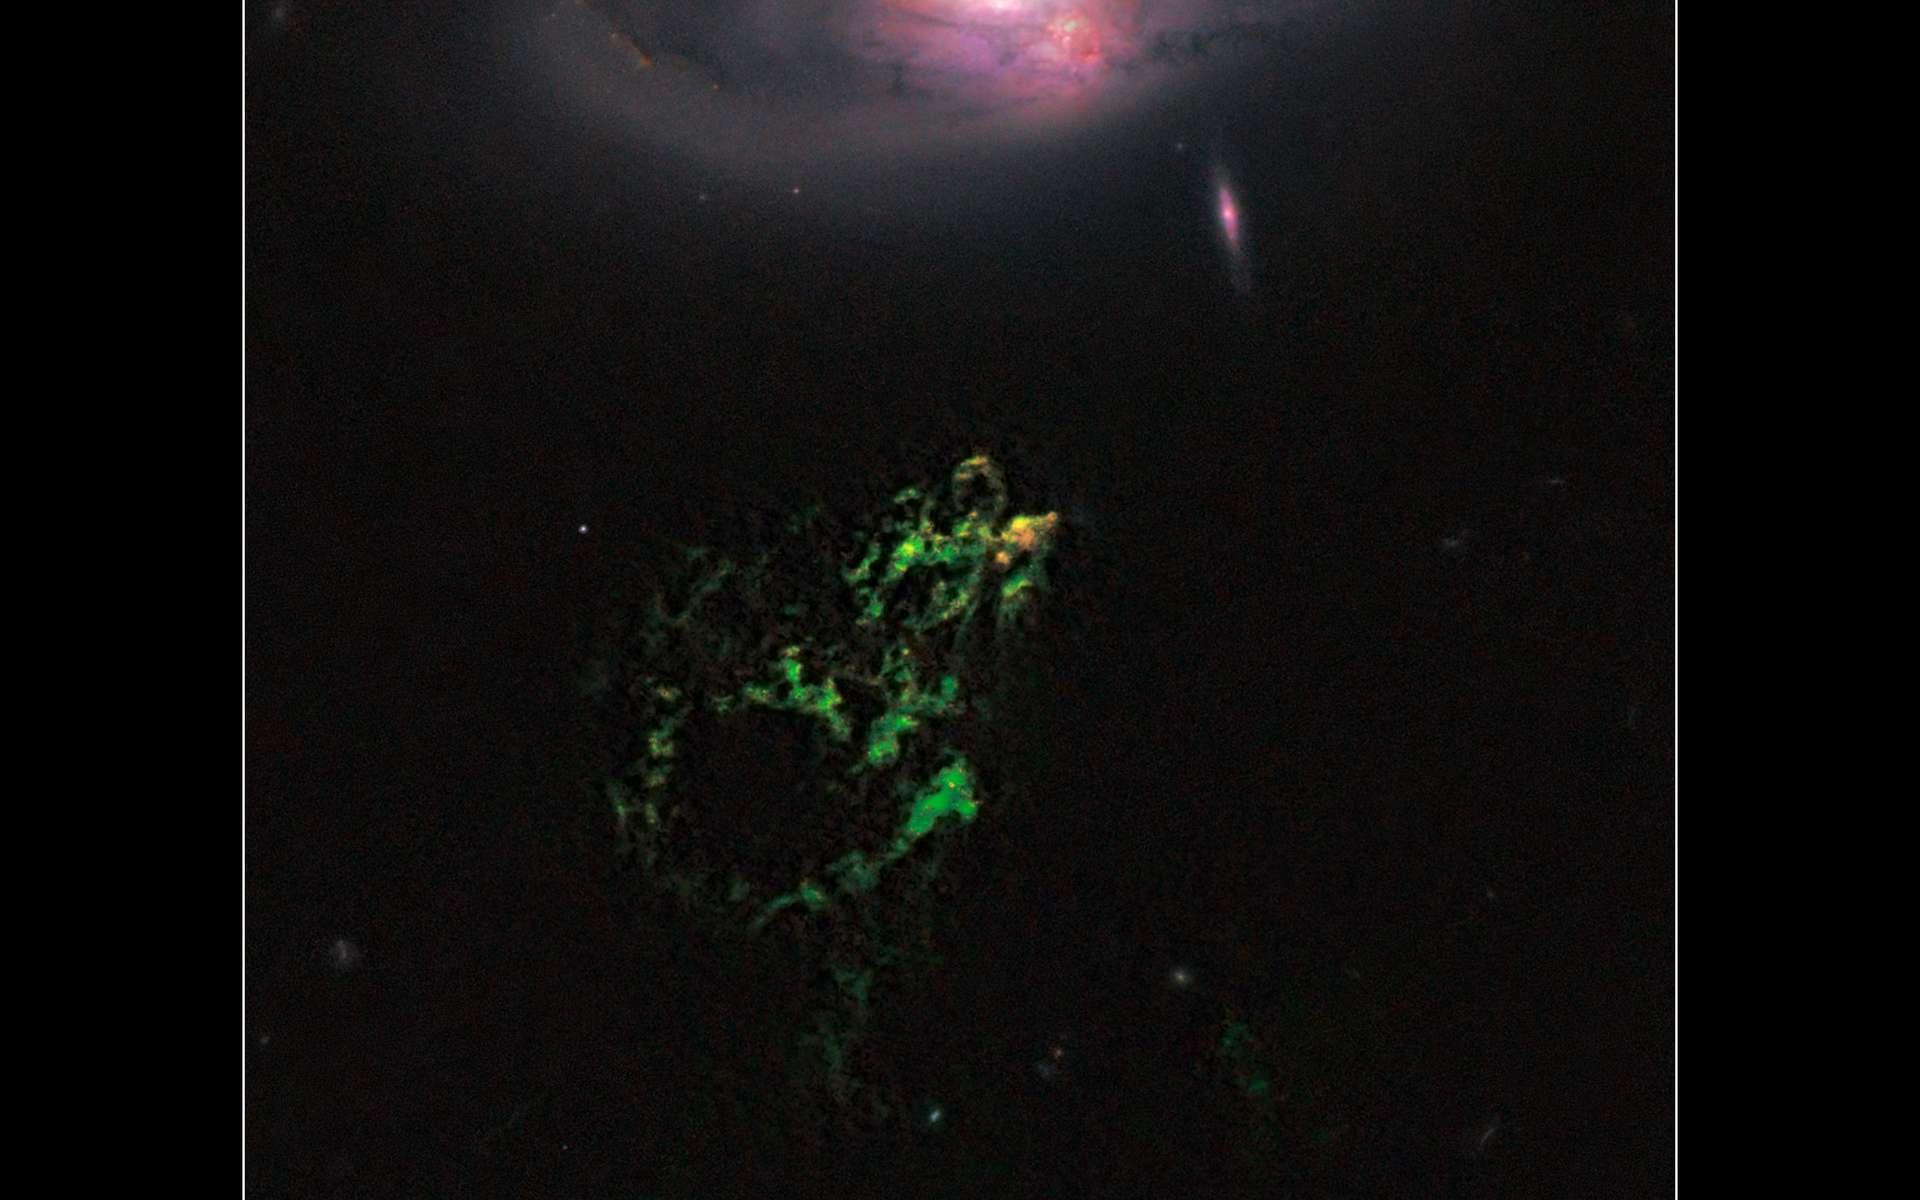 L'Objet de Hanny, un étrange nuage de gaz vert qui flotte devant la galaxie IC 2497. La partie jaune-orange du nuage révèle l'existence de très jeunes étoiles. © Nasa/Esa/W. Keel (Université de l'Alabama) et l'équipe de Galaxy Zoo